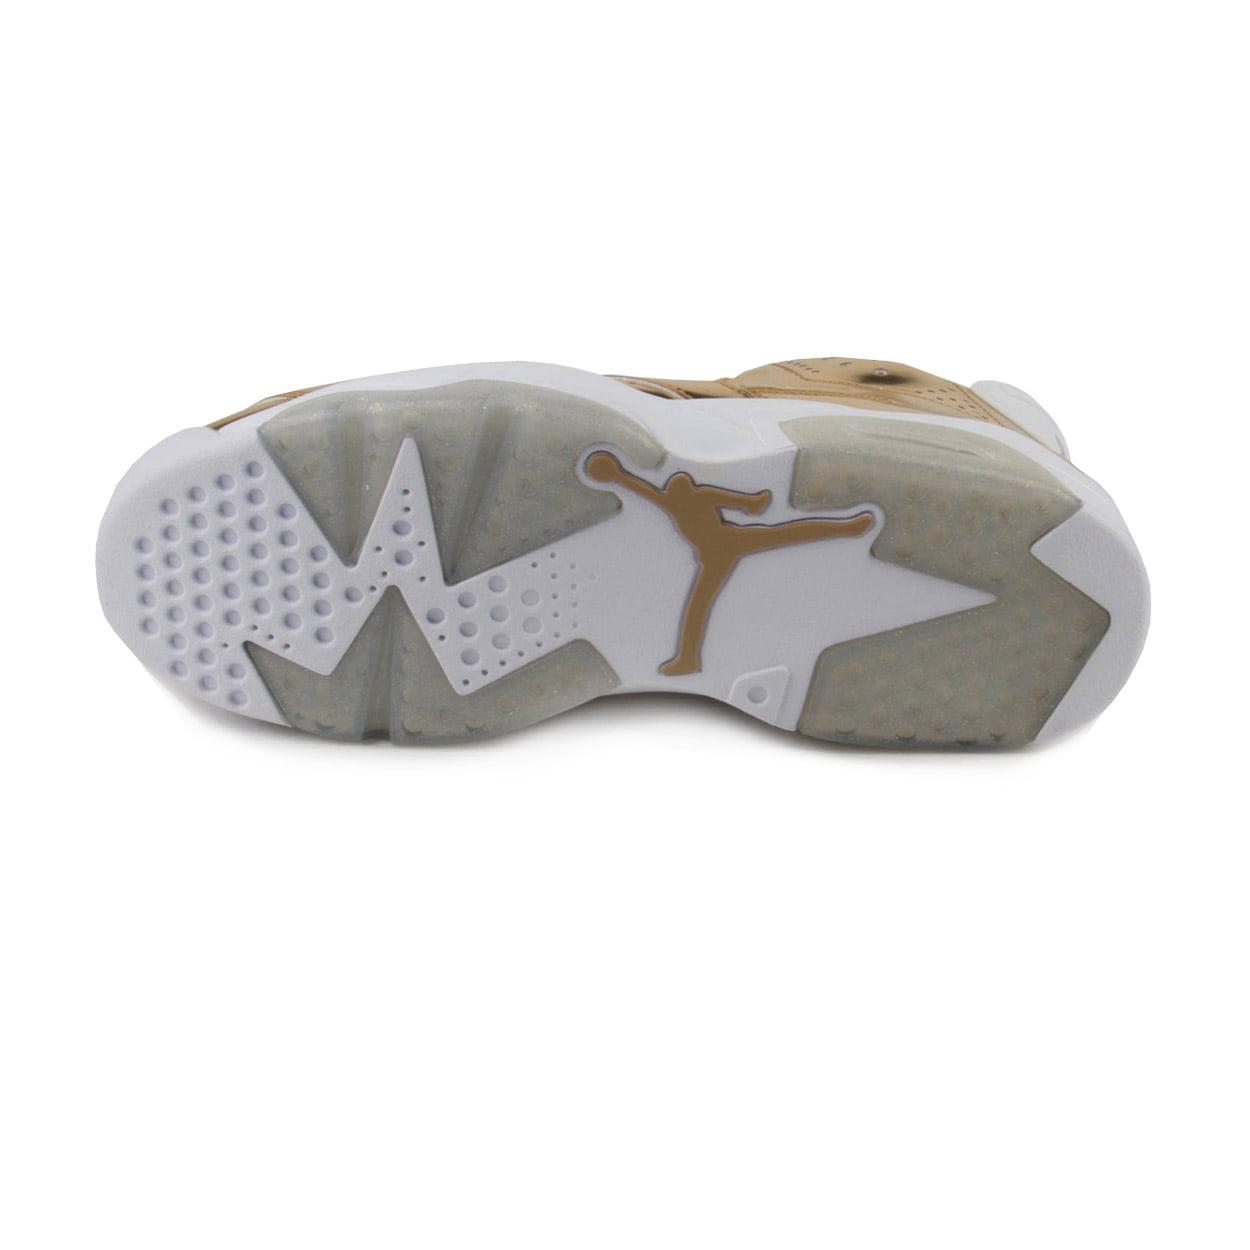 Nike Mens Pinnacle Air Jordan 6 Retro Pinnacle Mens Metallic Gold/White 854271-730 c6c3bd